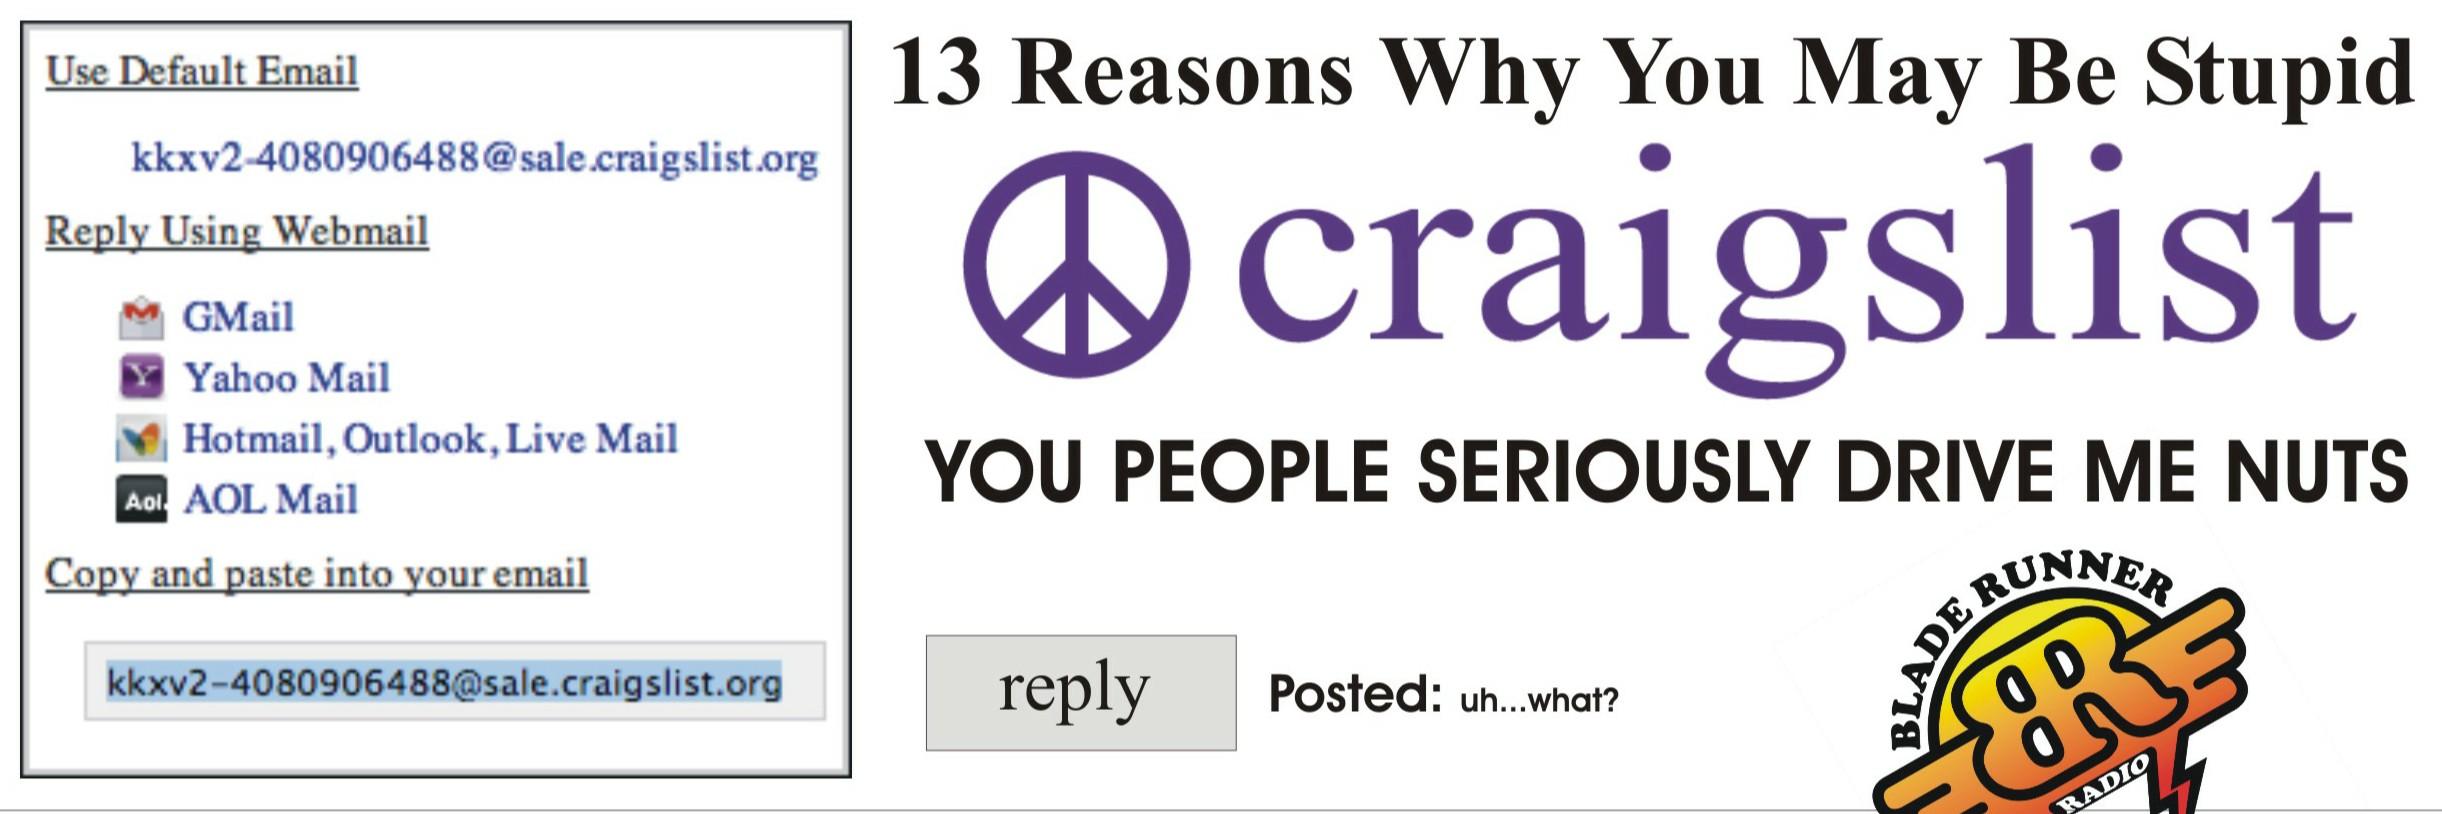 craigslist stupid people top 13